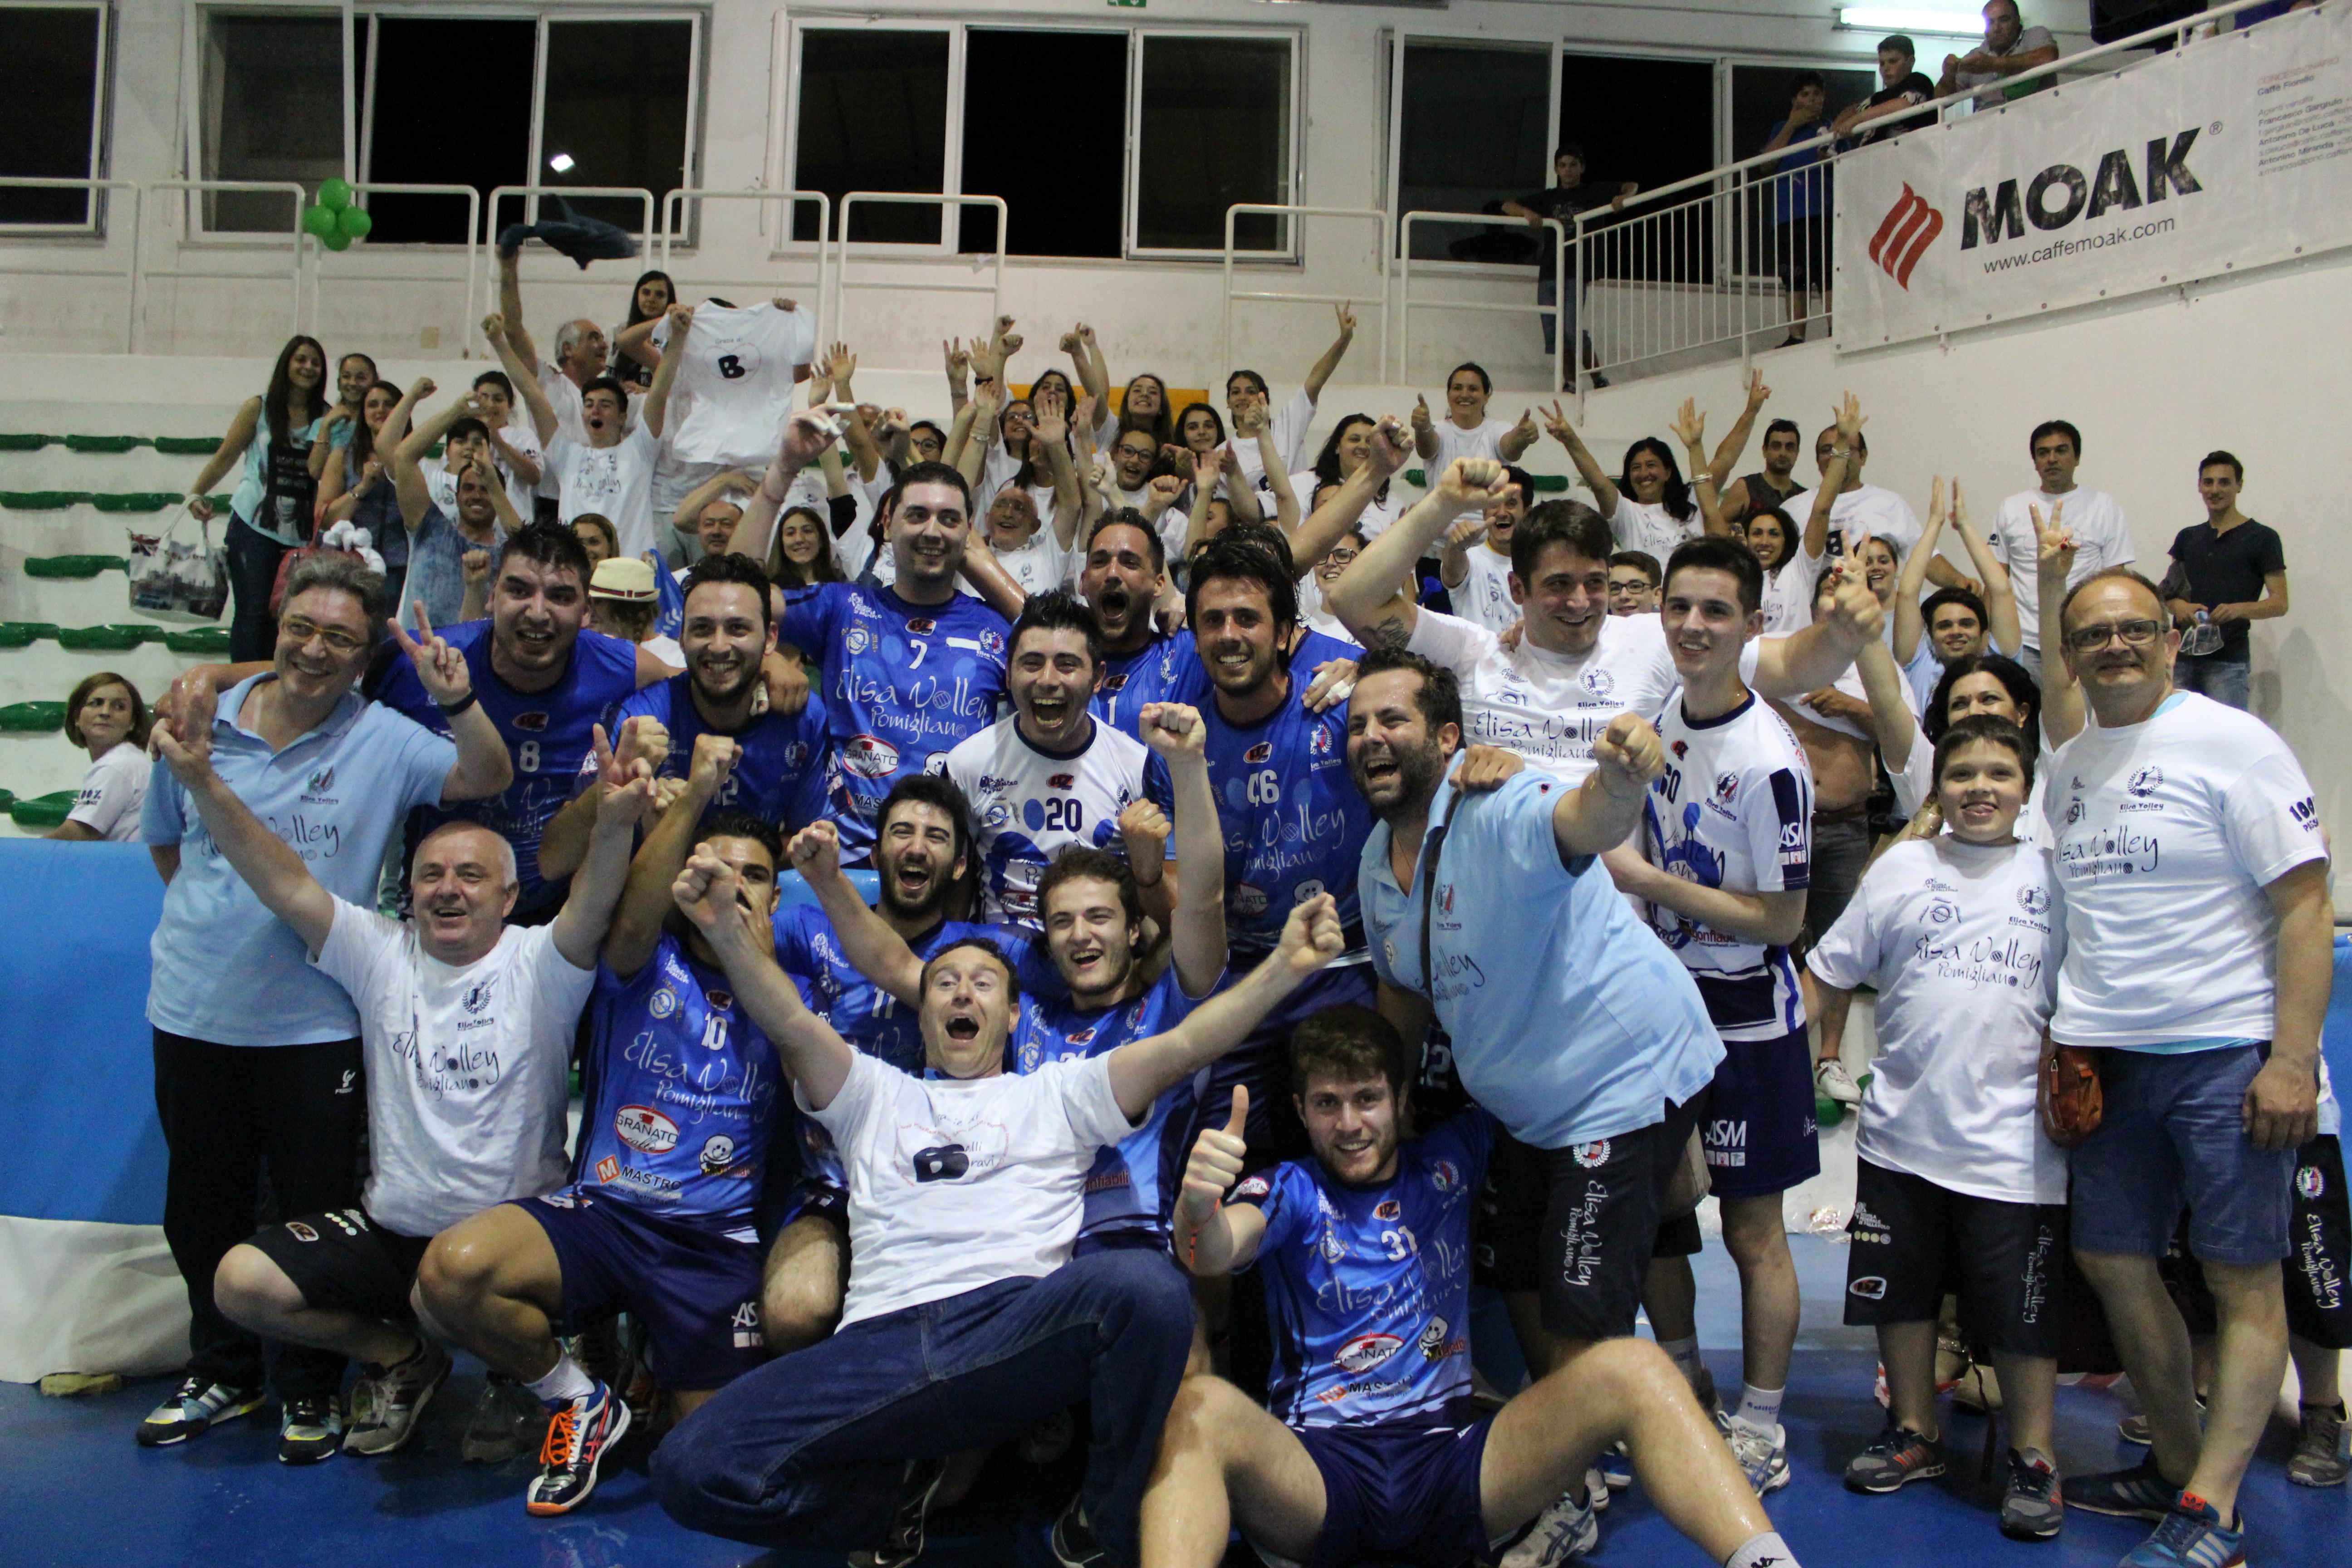 Pomigliano approda in serie B, Elisa Volley straccia Folgore Massa e conquista la serie nazionale